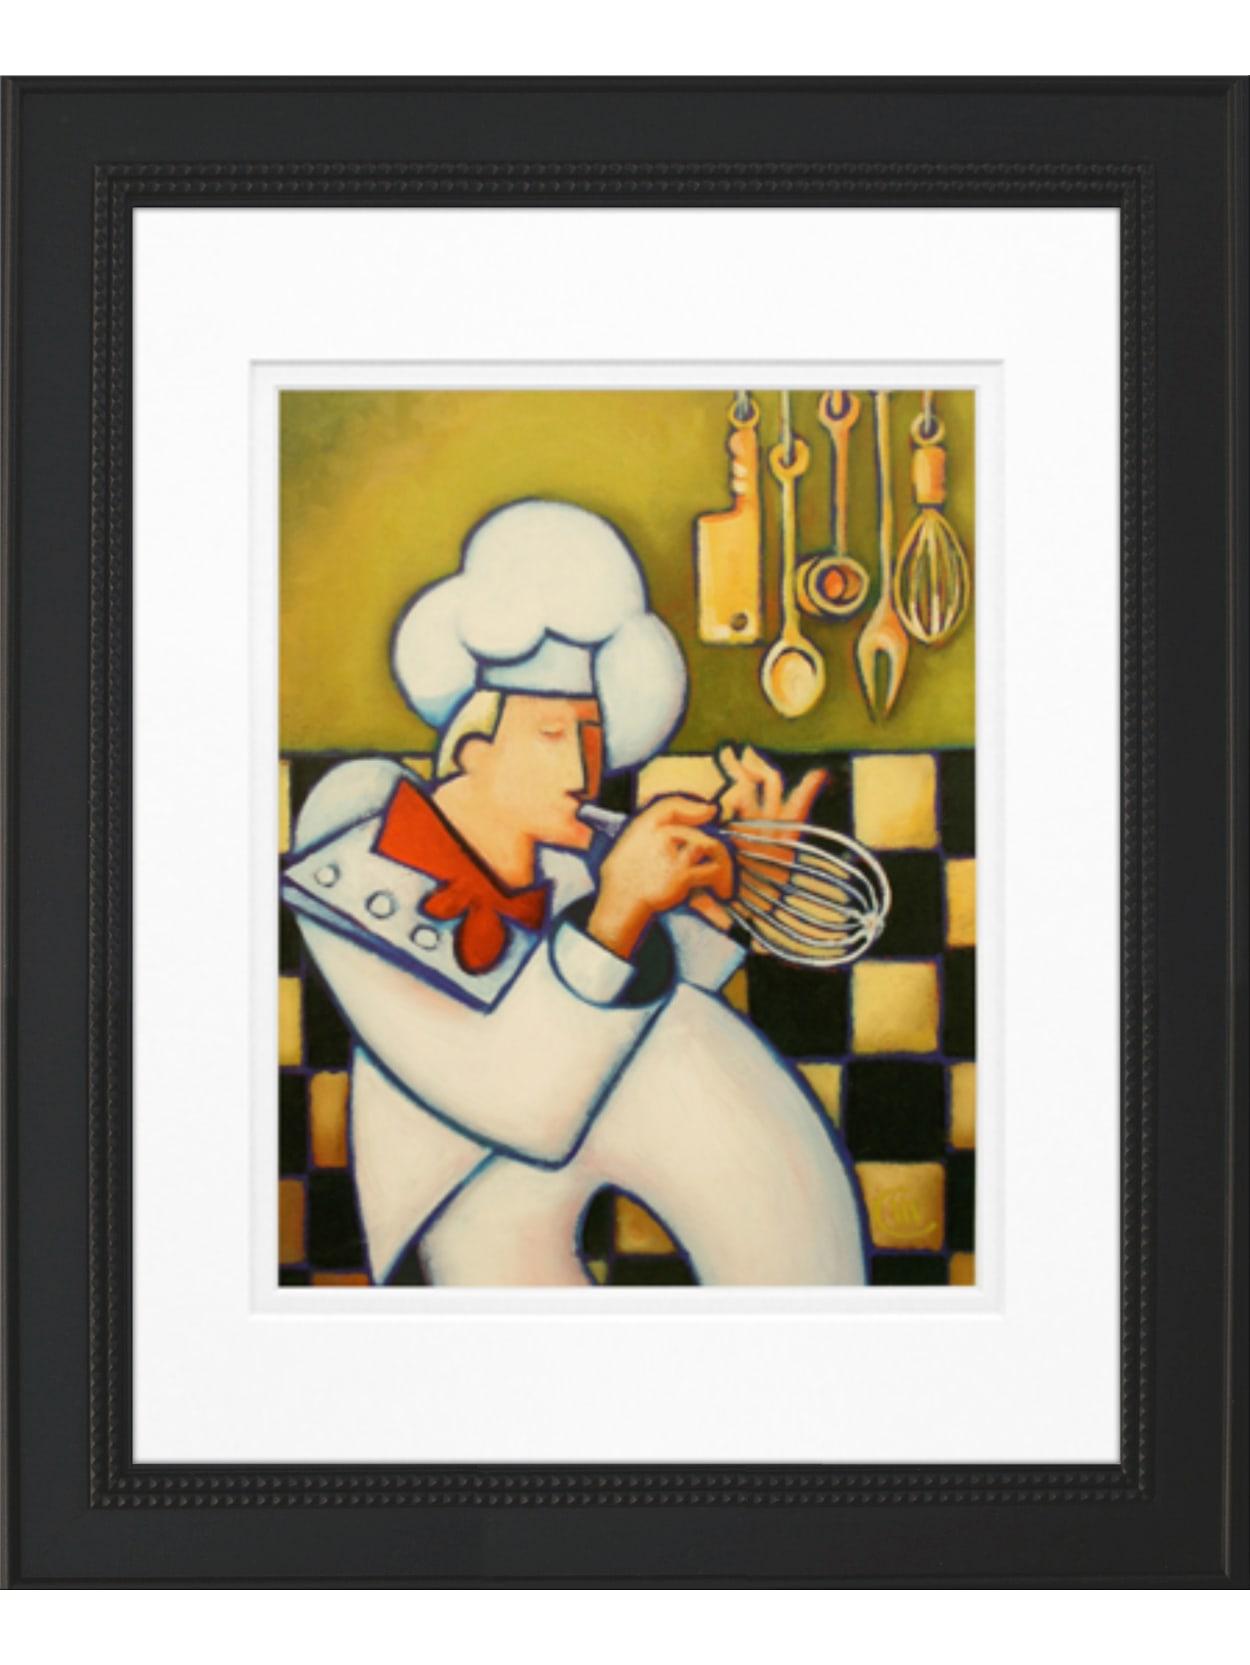 Timeless Frames Art 11x14 Whimsical Chef Ii Office Depot